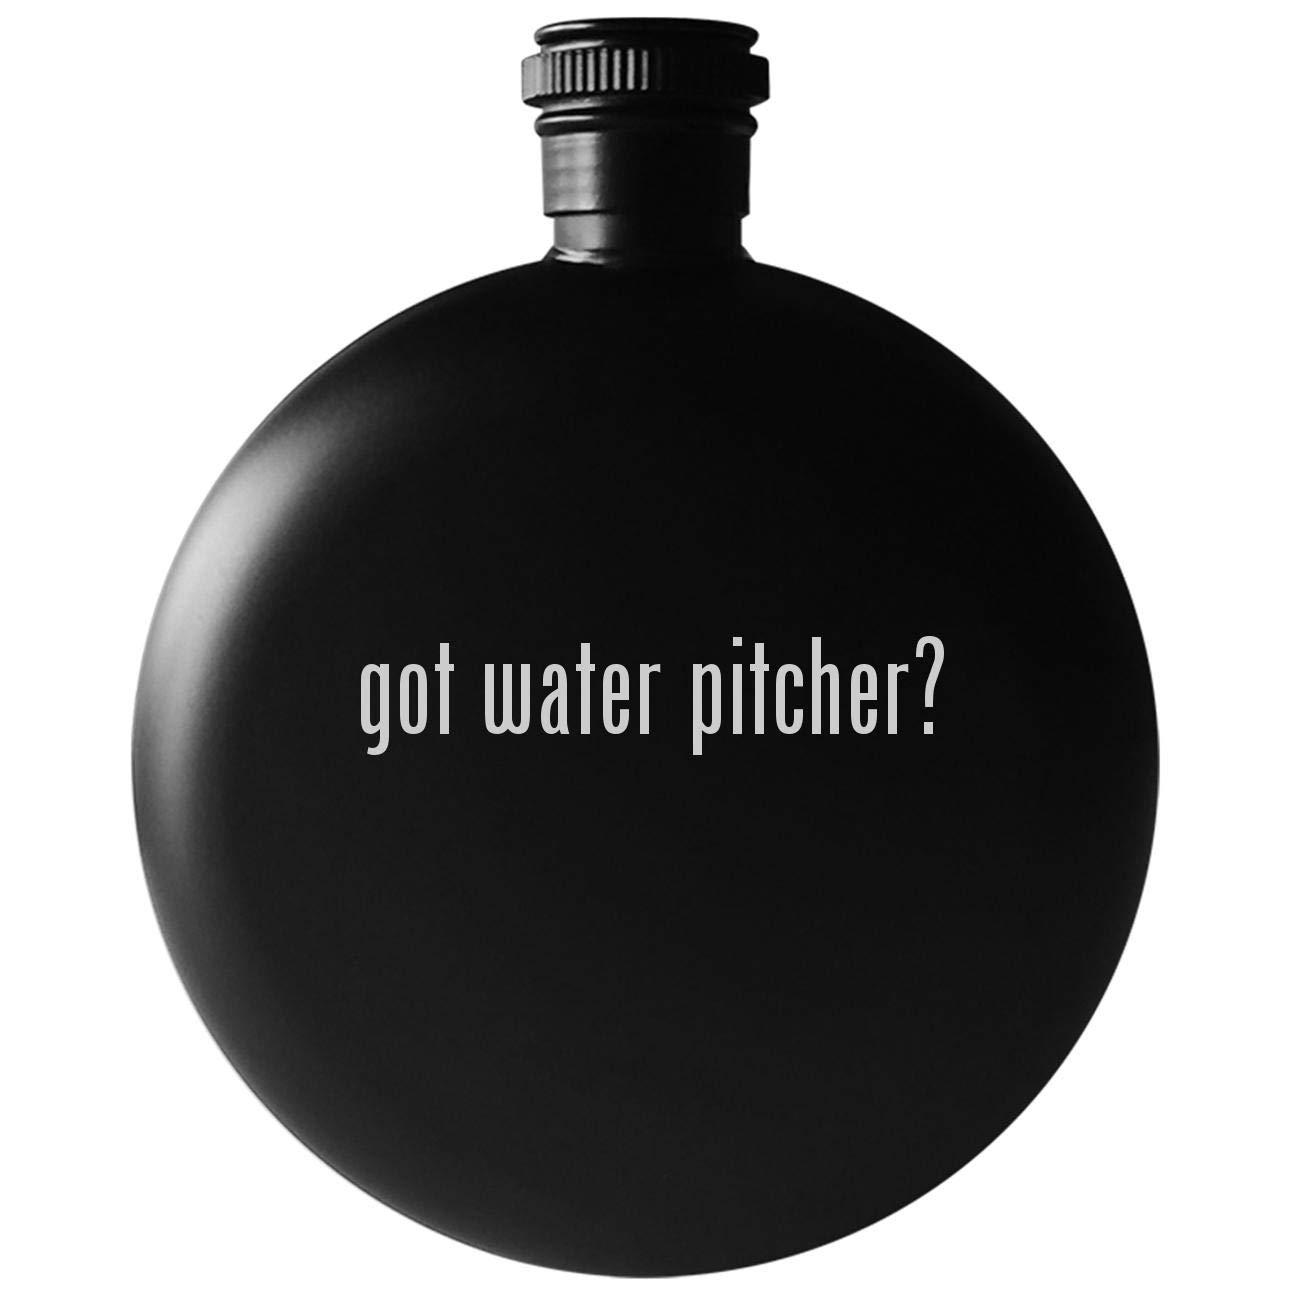 【激安セール】 got got water pitcher - 5オンス ラウンドドリンク用アルコールフラスコ 5オンス マットブラック - B07H552KQY, ALCOHOLIC:aba3e545 --- a0267596.xsph.ru